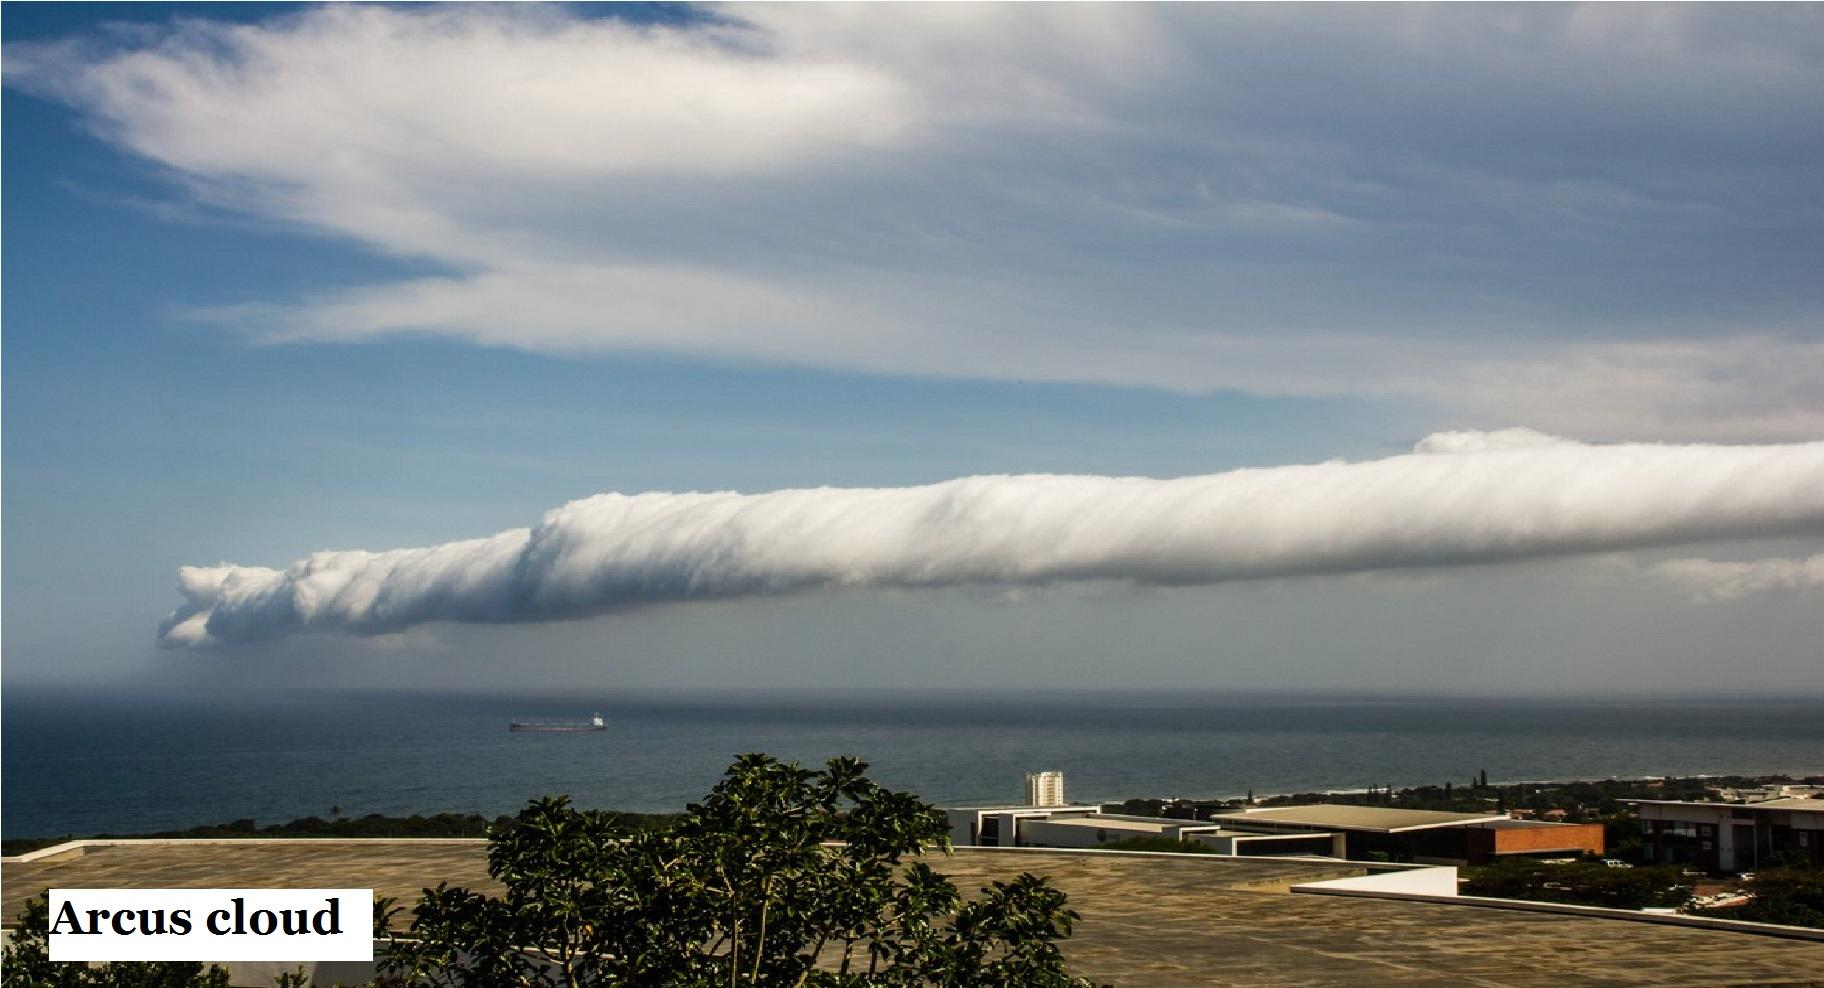 15 Arcus cloud.jpg